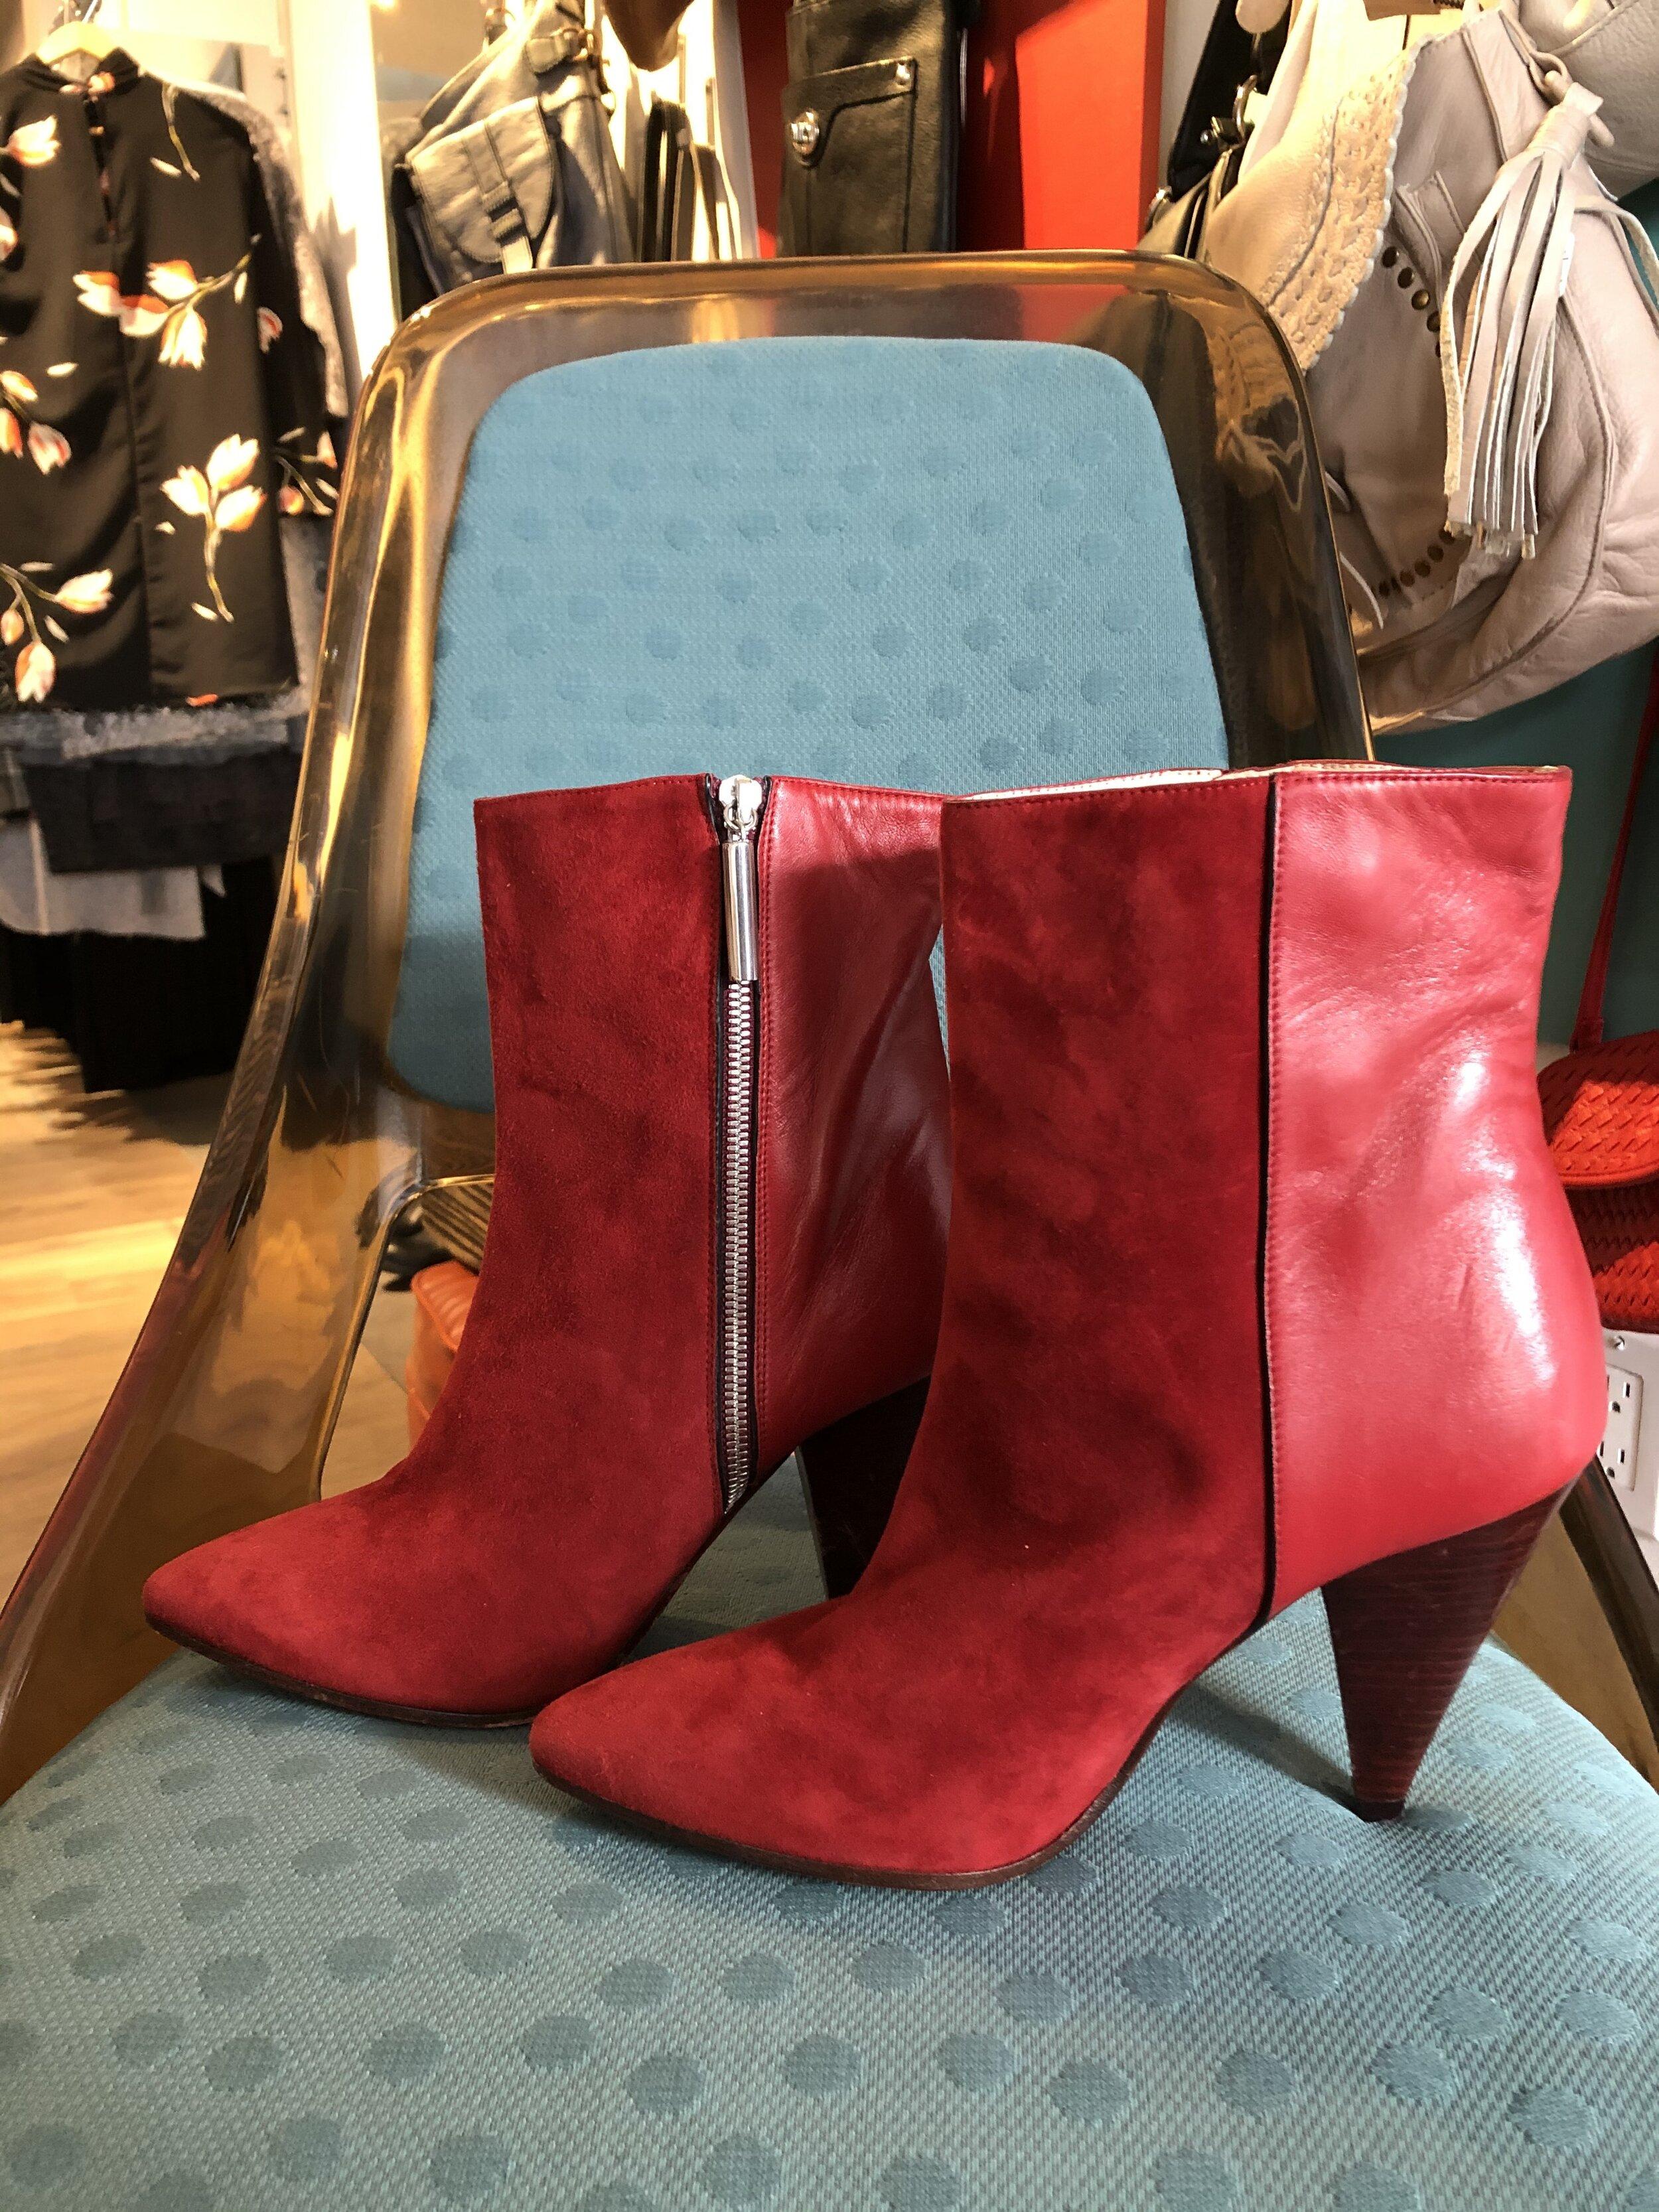 Stuart Weitzman boots; Size 9, $150